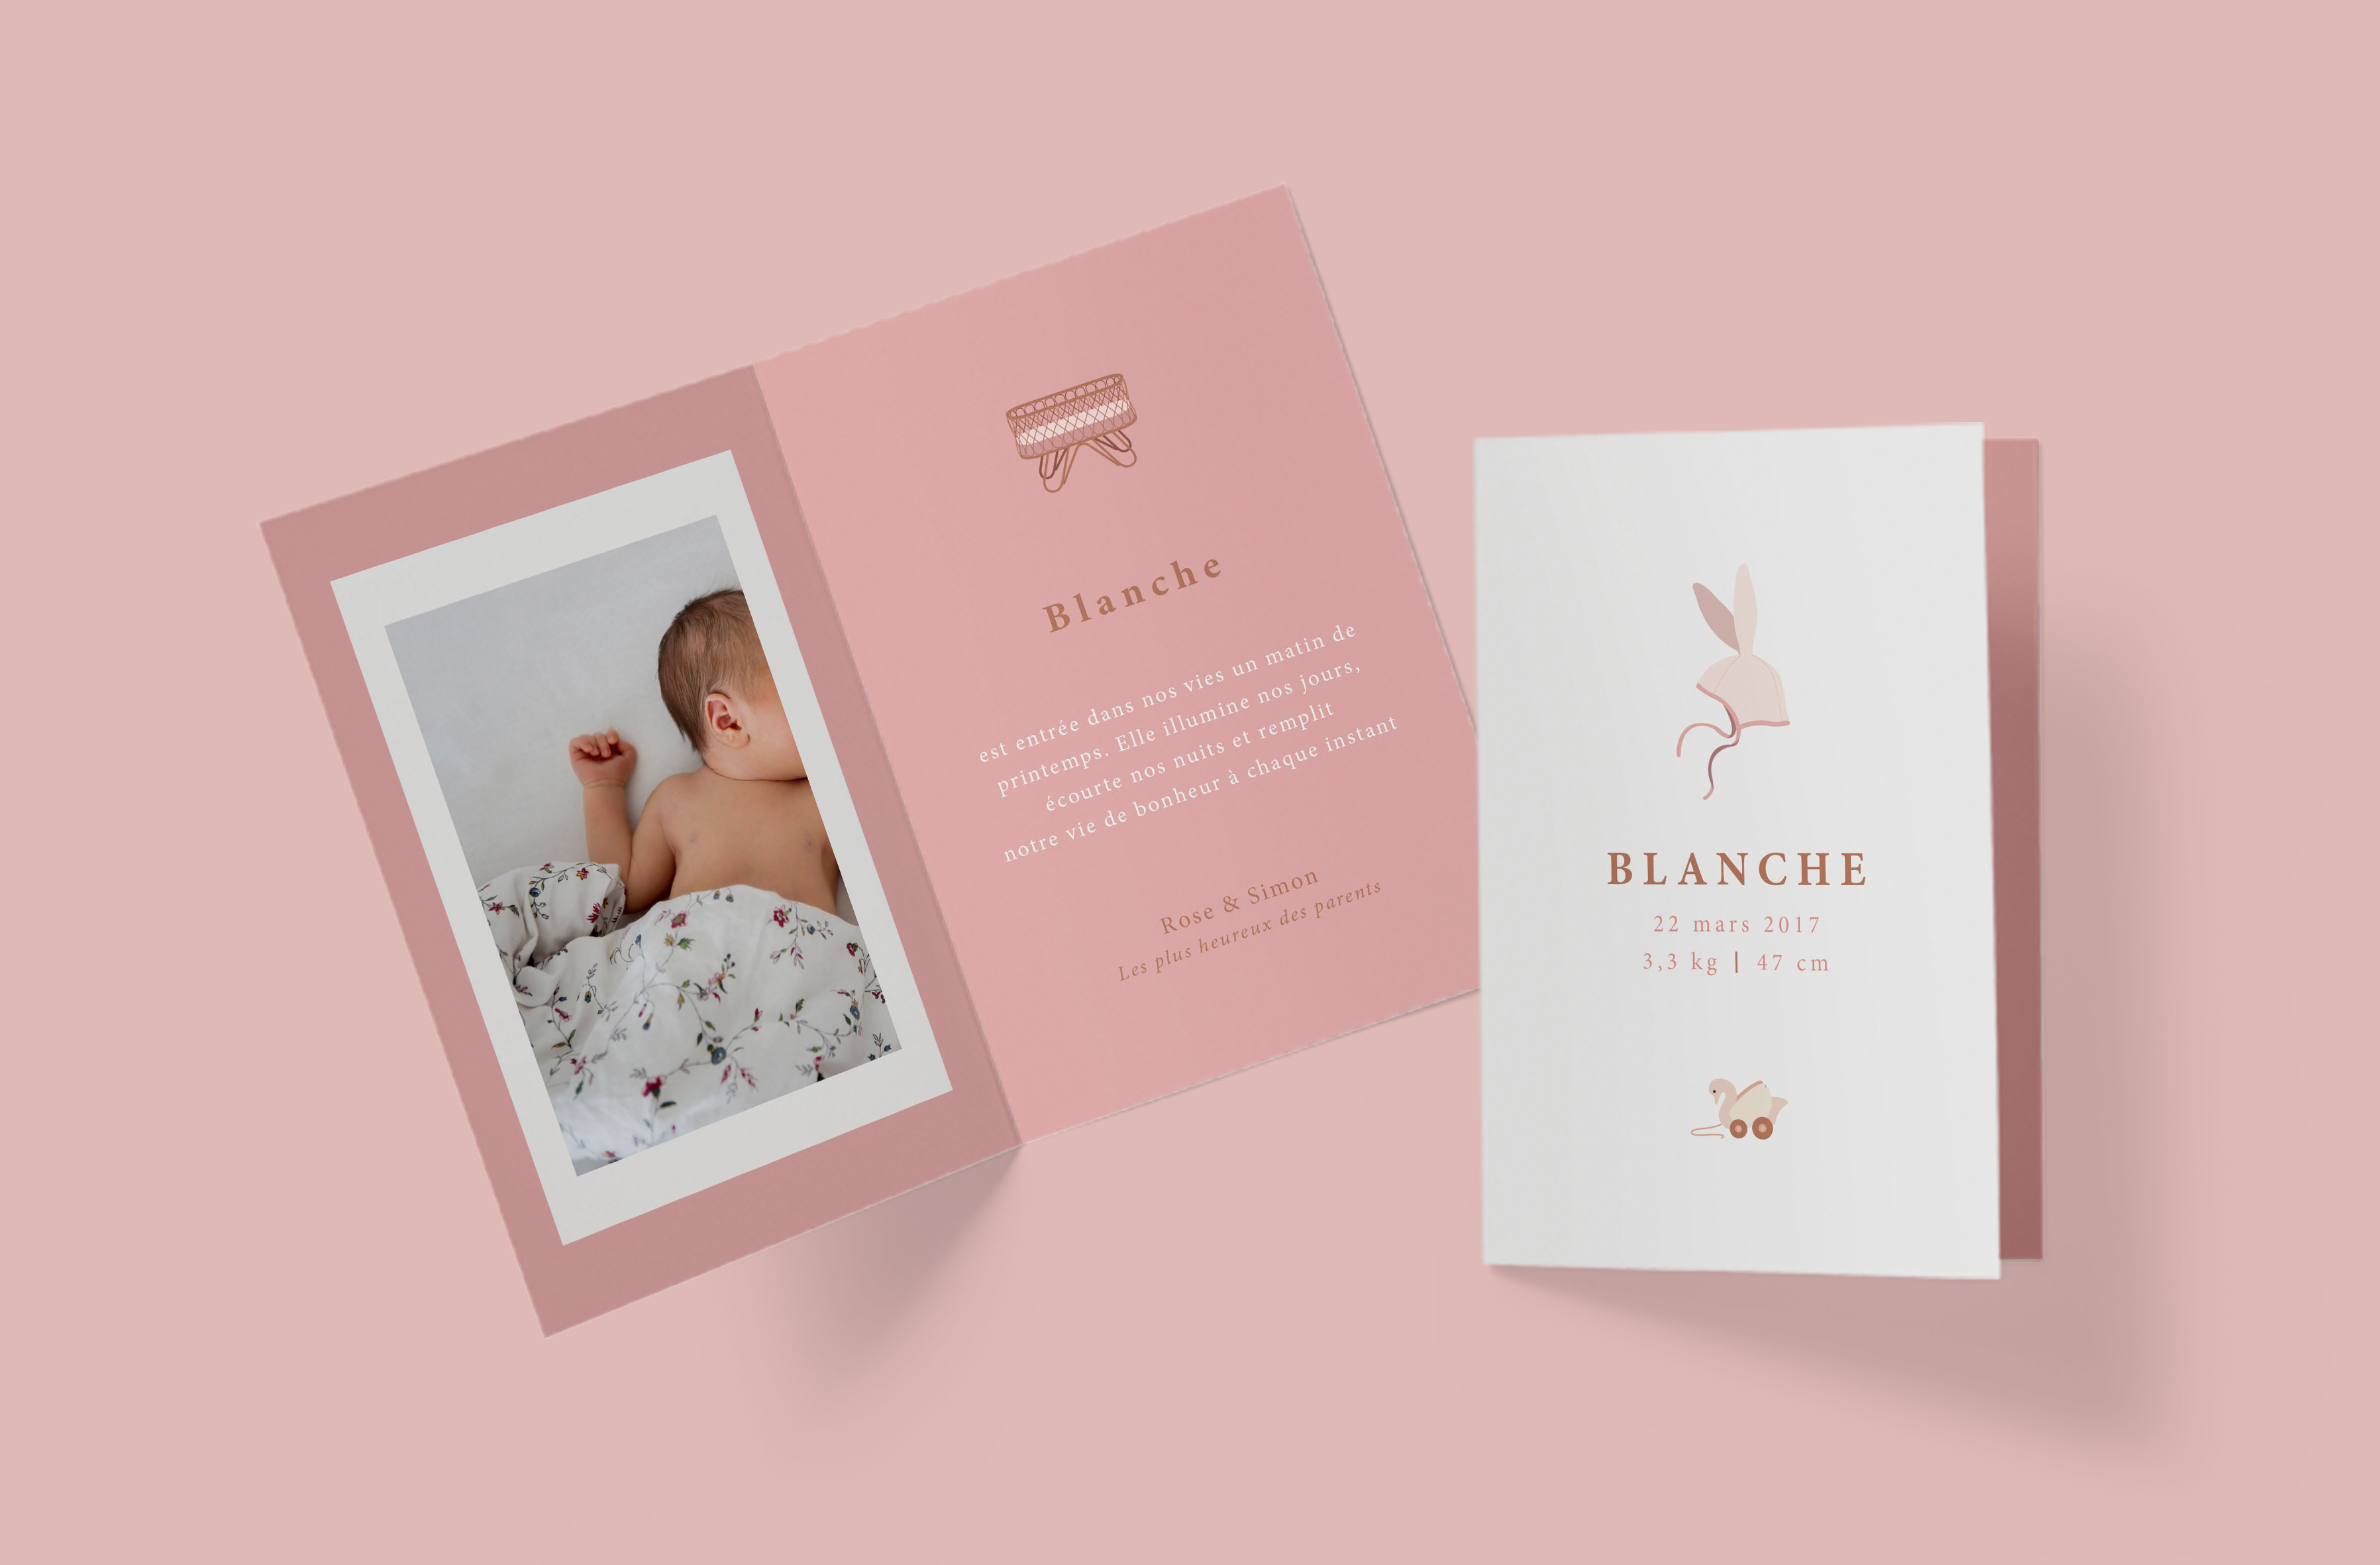 Blanche_mockup